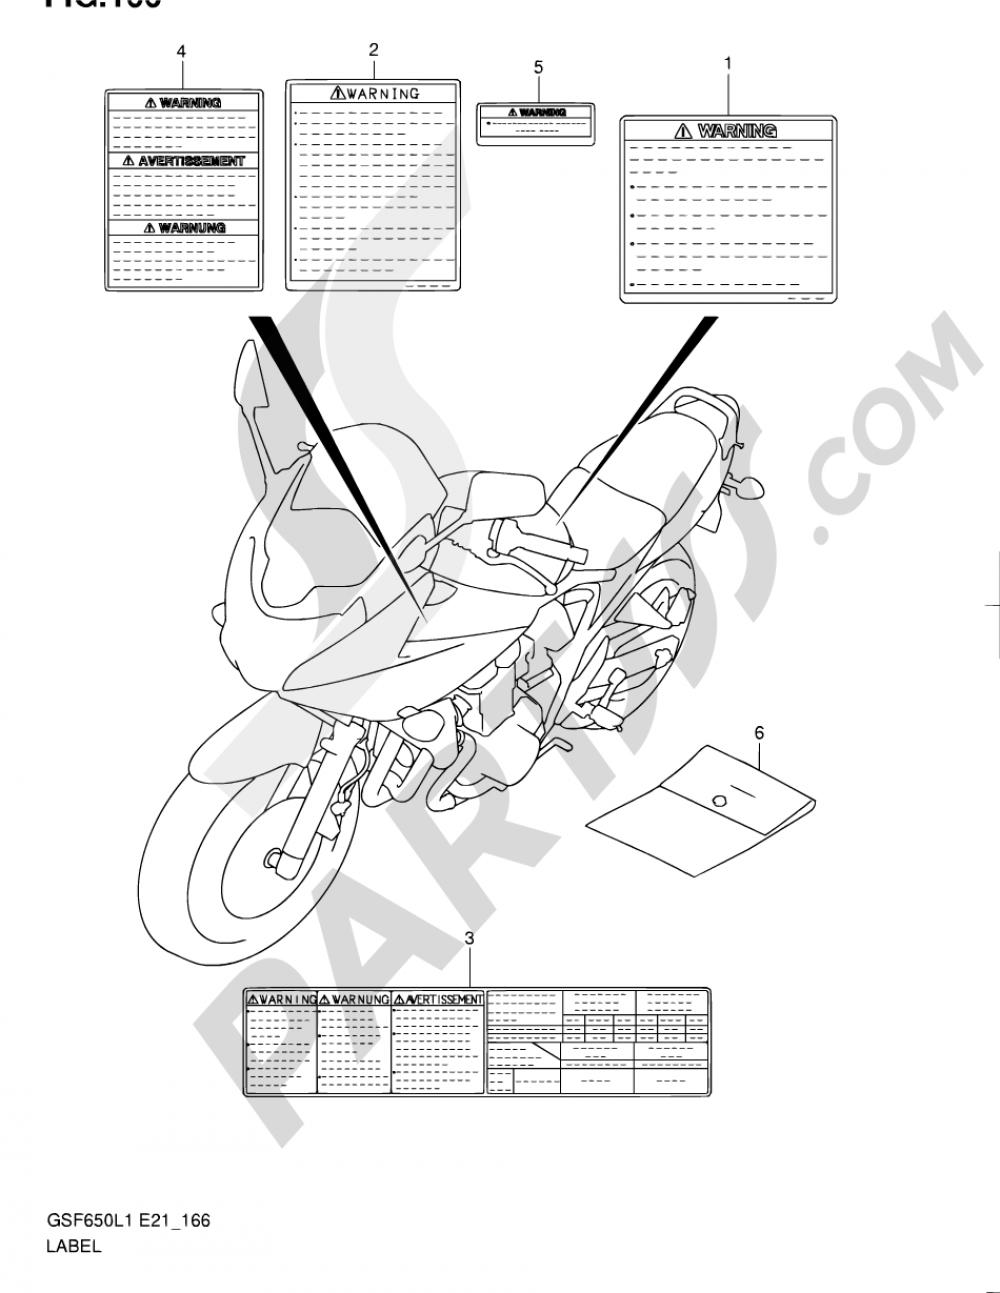 166 - LABEL (GSF650SUAL1 E21) Suzuki BANDIT GSF650S 2011